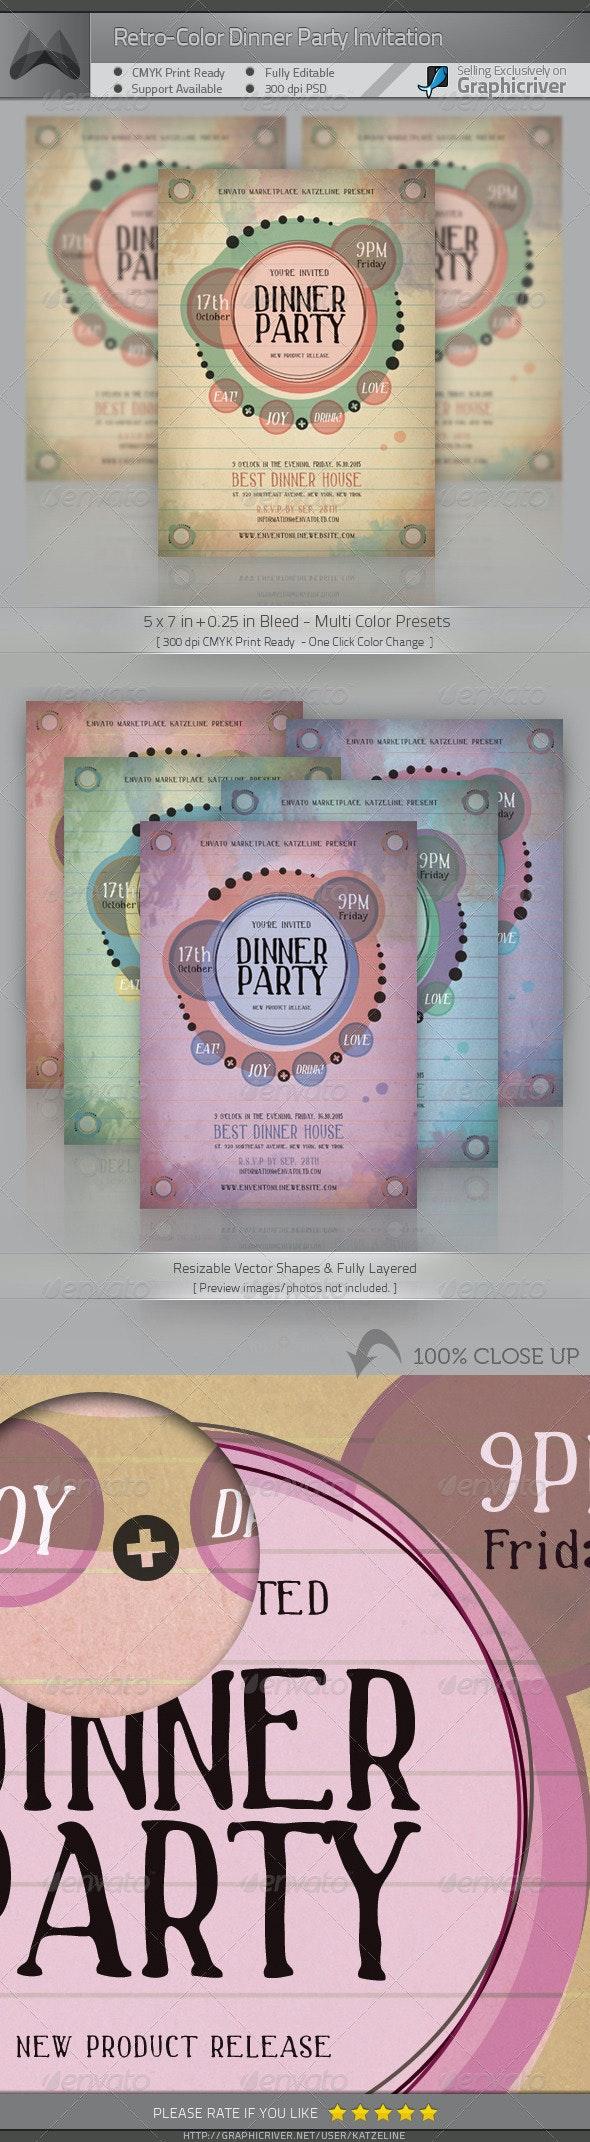 Retro-Color Dinner Party Invitation - Invitations Cards & Invites